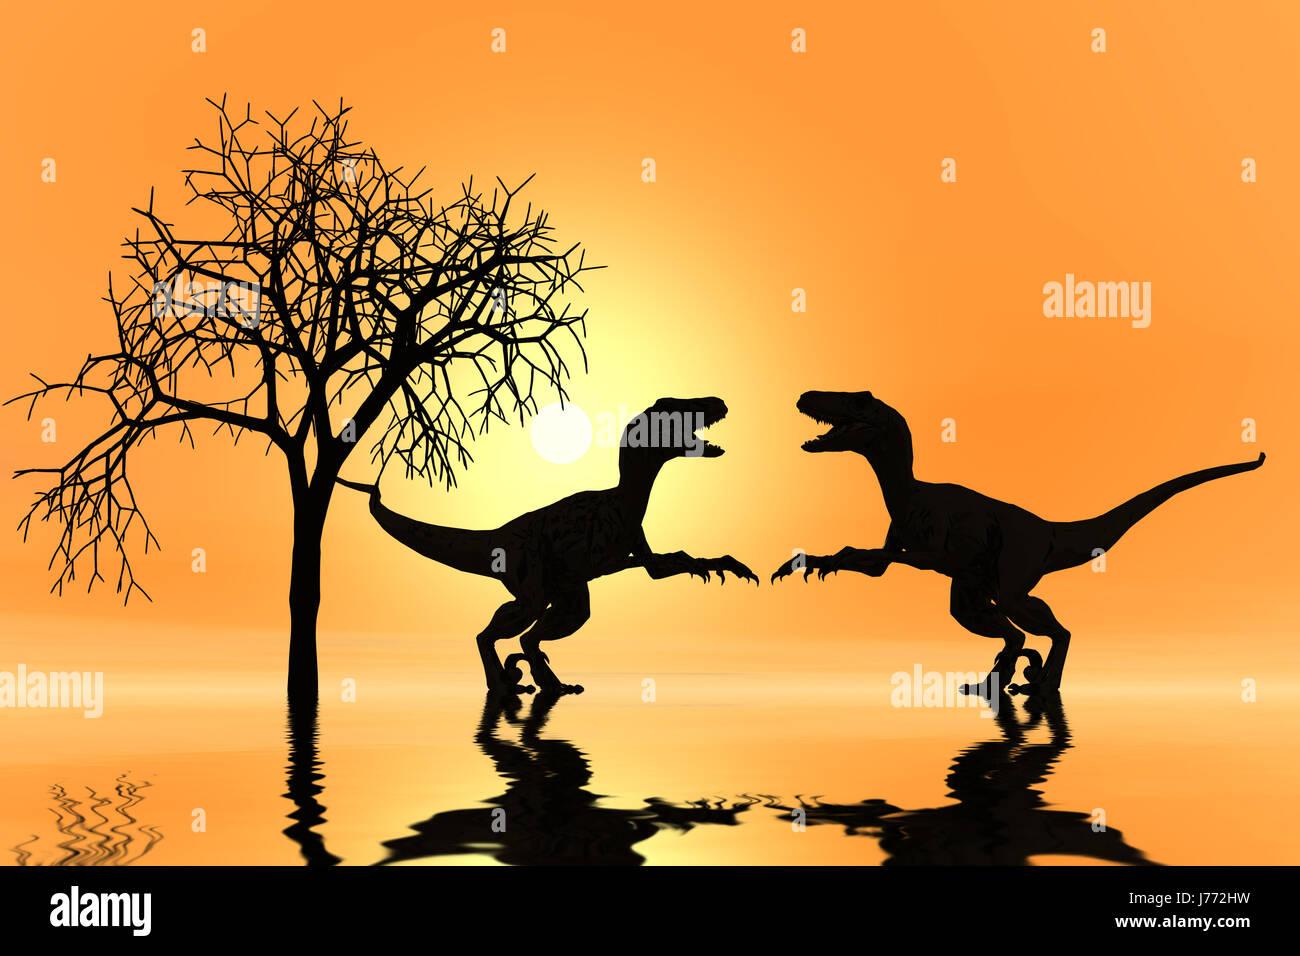 scherenschnitt dino - Stock Image